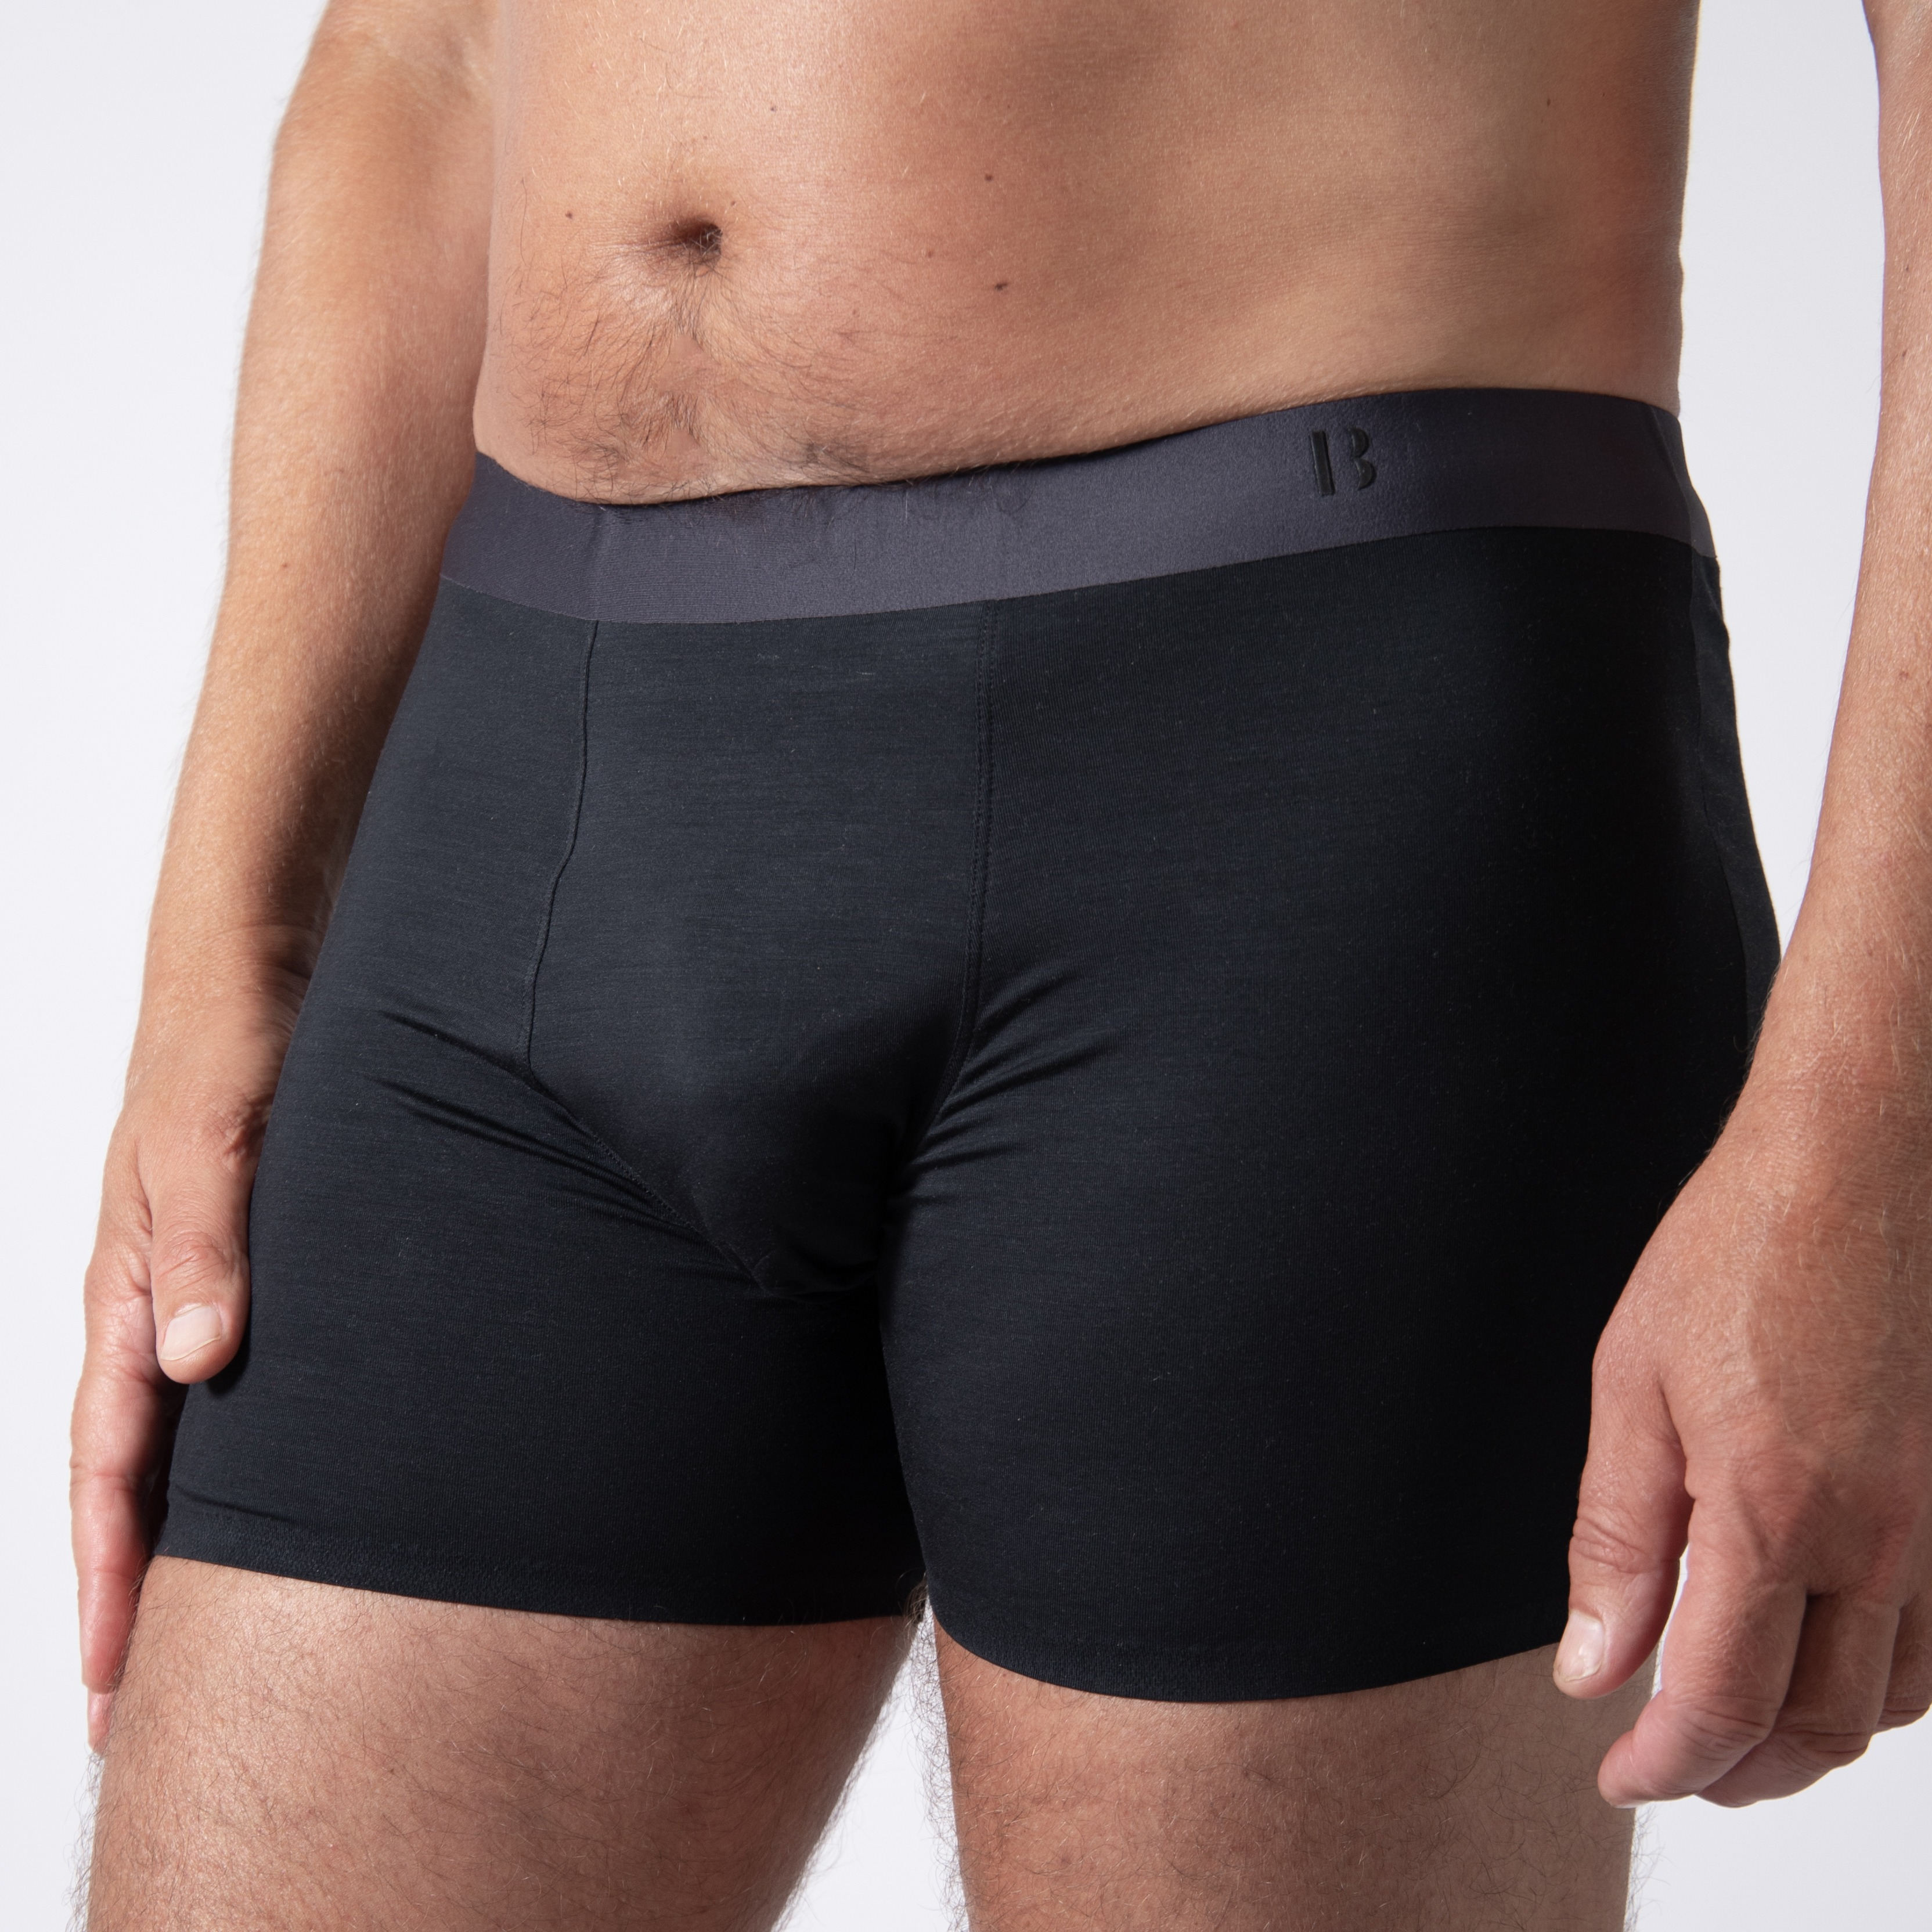 Hvornår skal undertøj udskiftes?